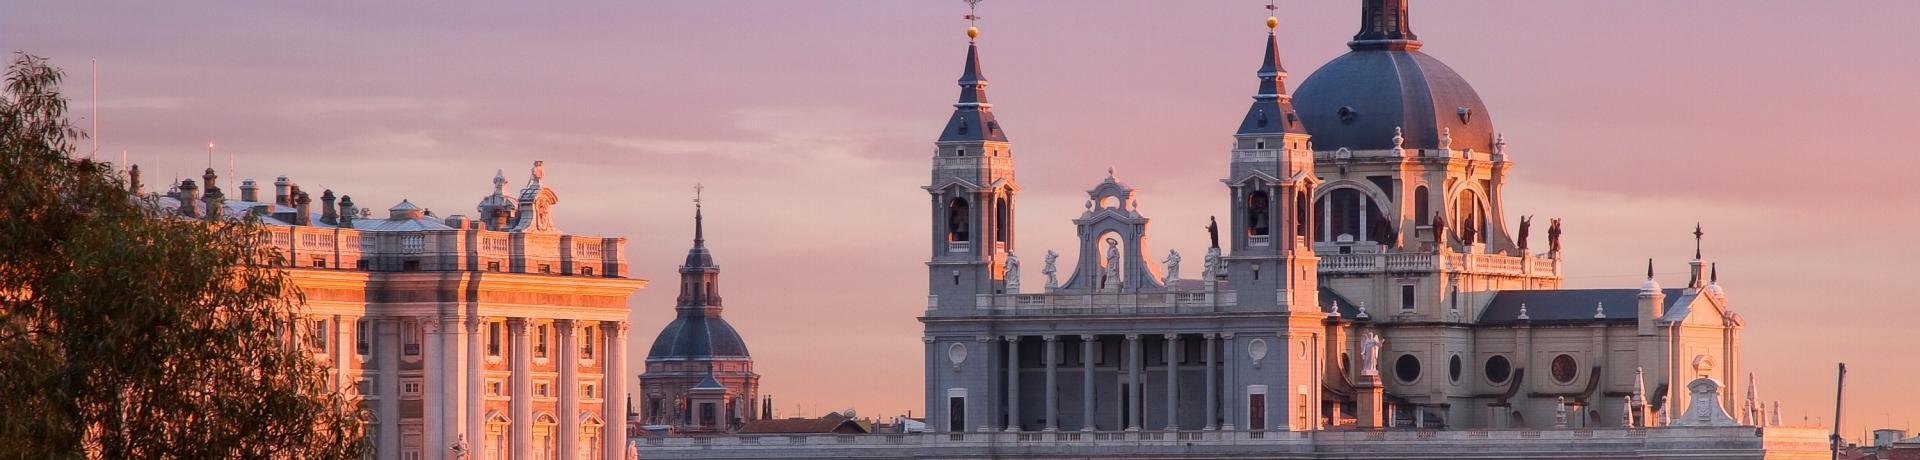 949+Spanien+Madrid+Almudena-Kathedrale_bei_Nacht+TS_137471752.jpg